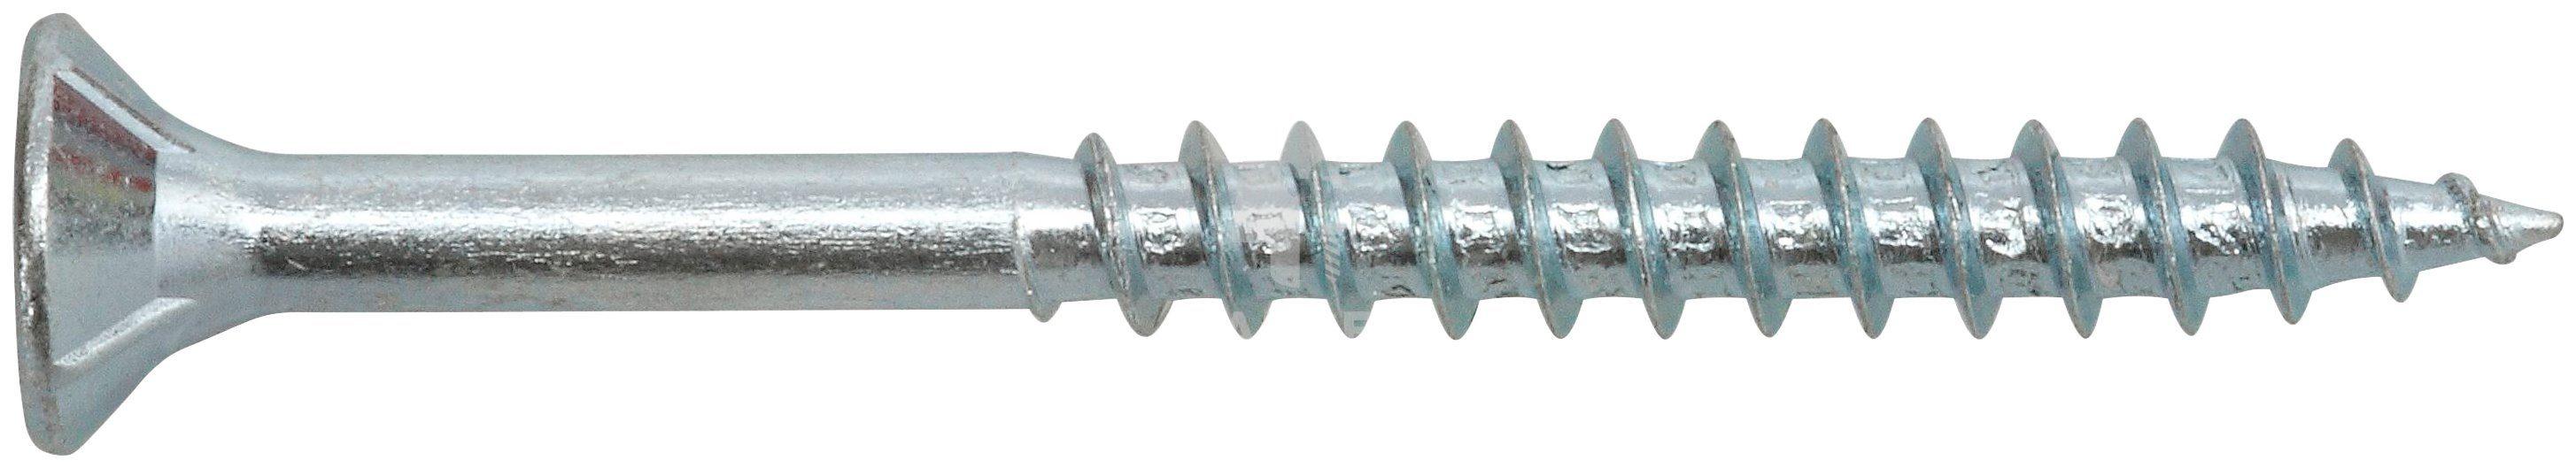 RAMSES Schrauben , Spanplattenschrauben 6 x 200 mm 10 Stk.